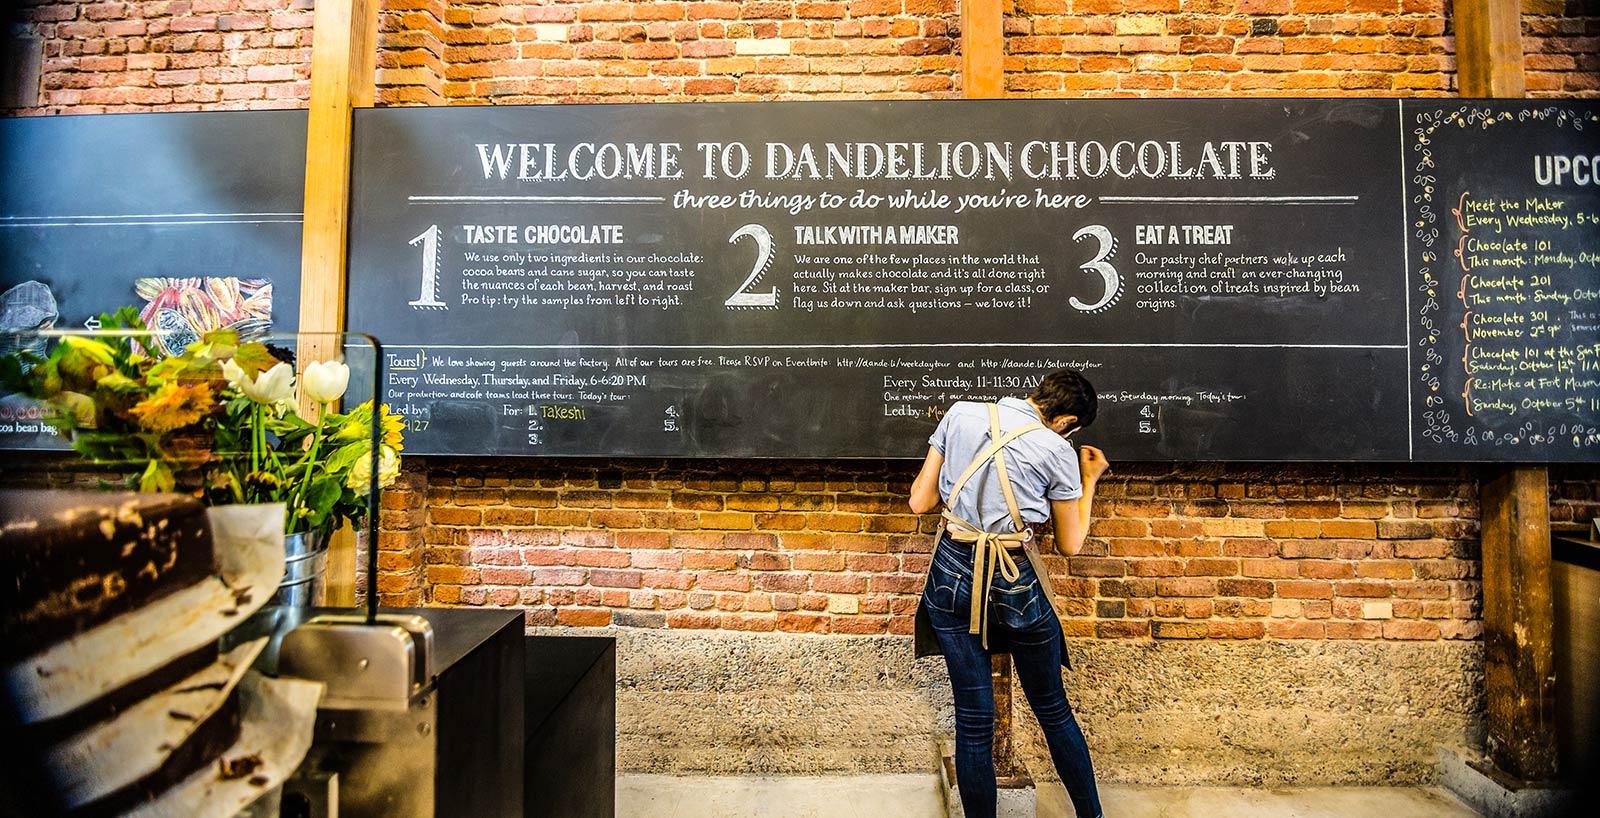 Genuss: Schokoholics können bei Dandelion eine Tour buchen und erleben das ganze Programm. Tipp: Besser reservieren, derLaden ist Kult